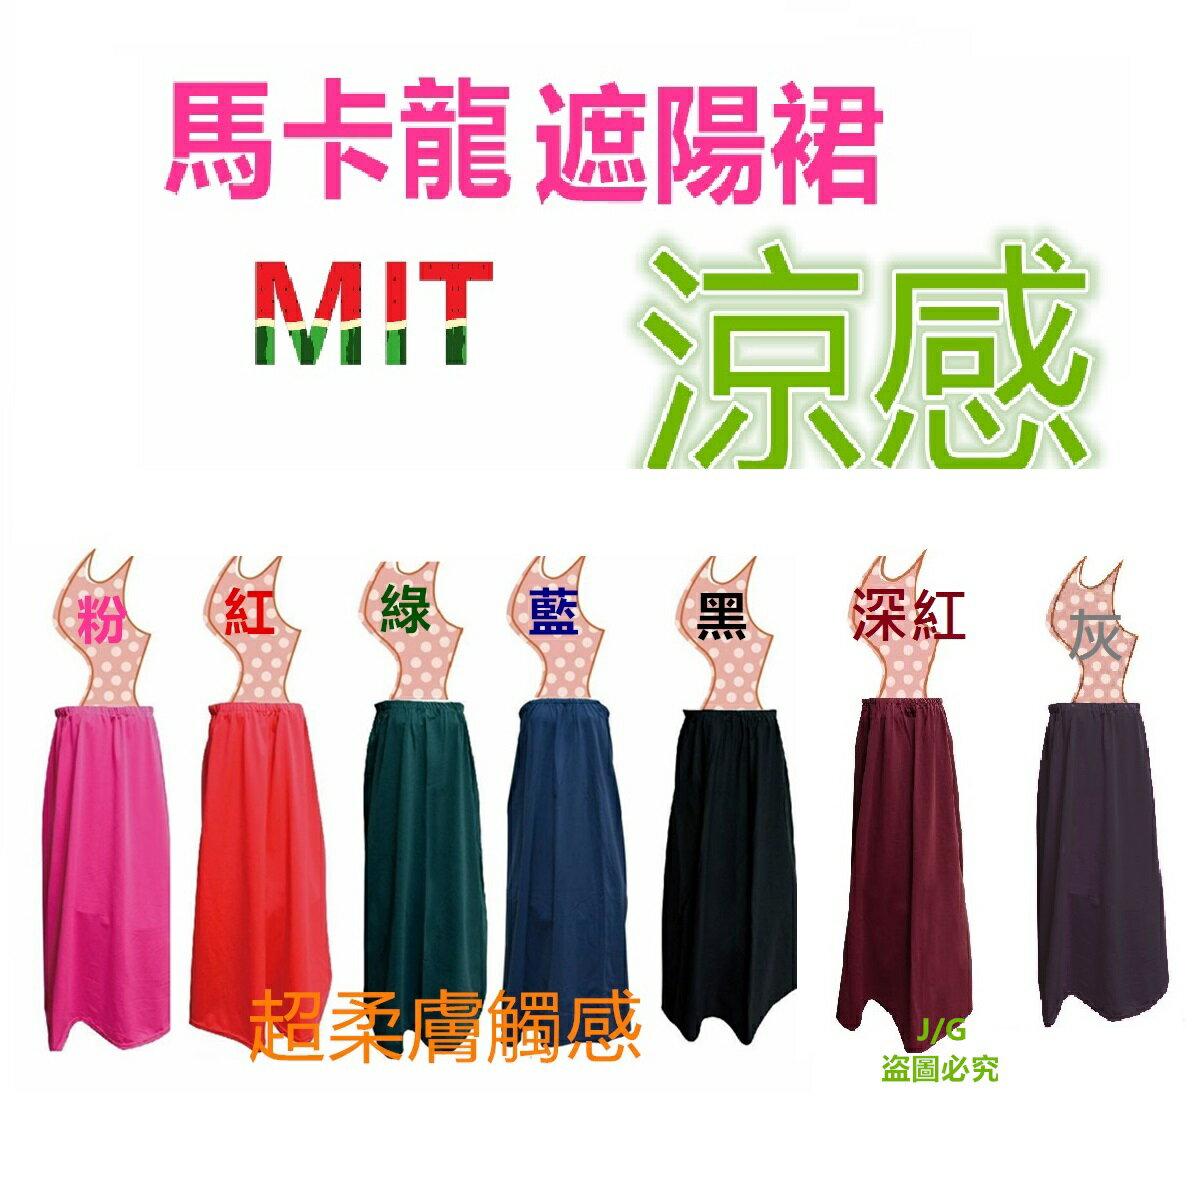 共7色台灣製造一片式馬卡龍遮陽圍裙抗UV涼感素面素色機車遮陽圍裙 防曬圍裙 遮光裙 防走光裙 防風裙遮陽裙